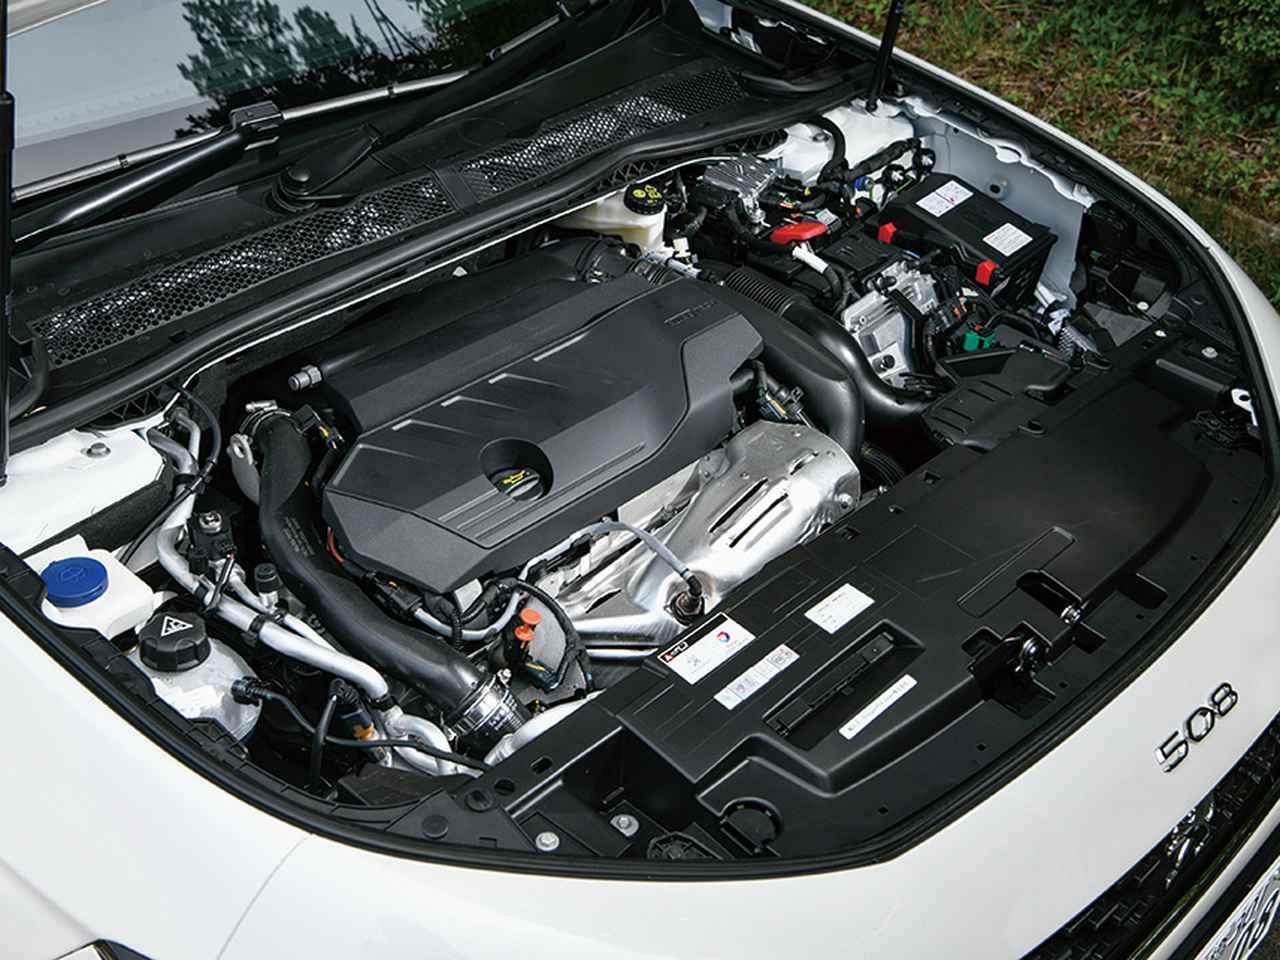 画像: 180psの1.6L直4ターボエンジンを搭載。これに出力110psの電気モーターを組み合わせている。